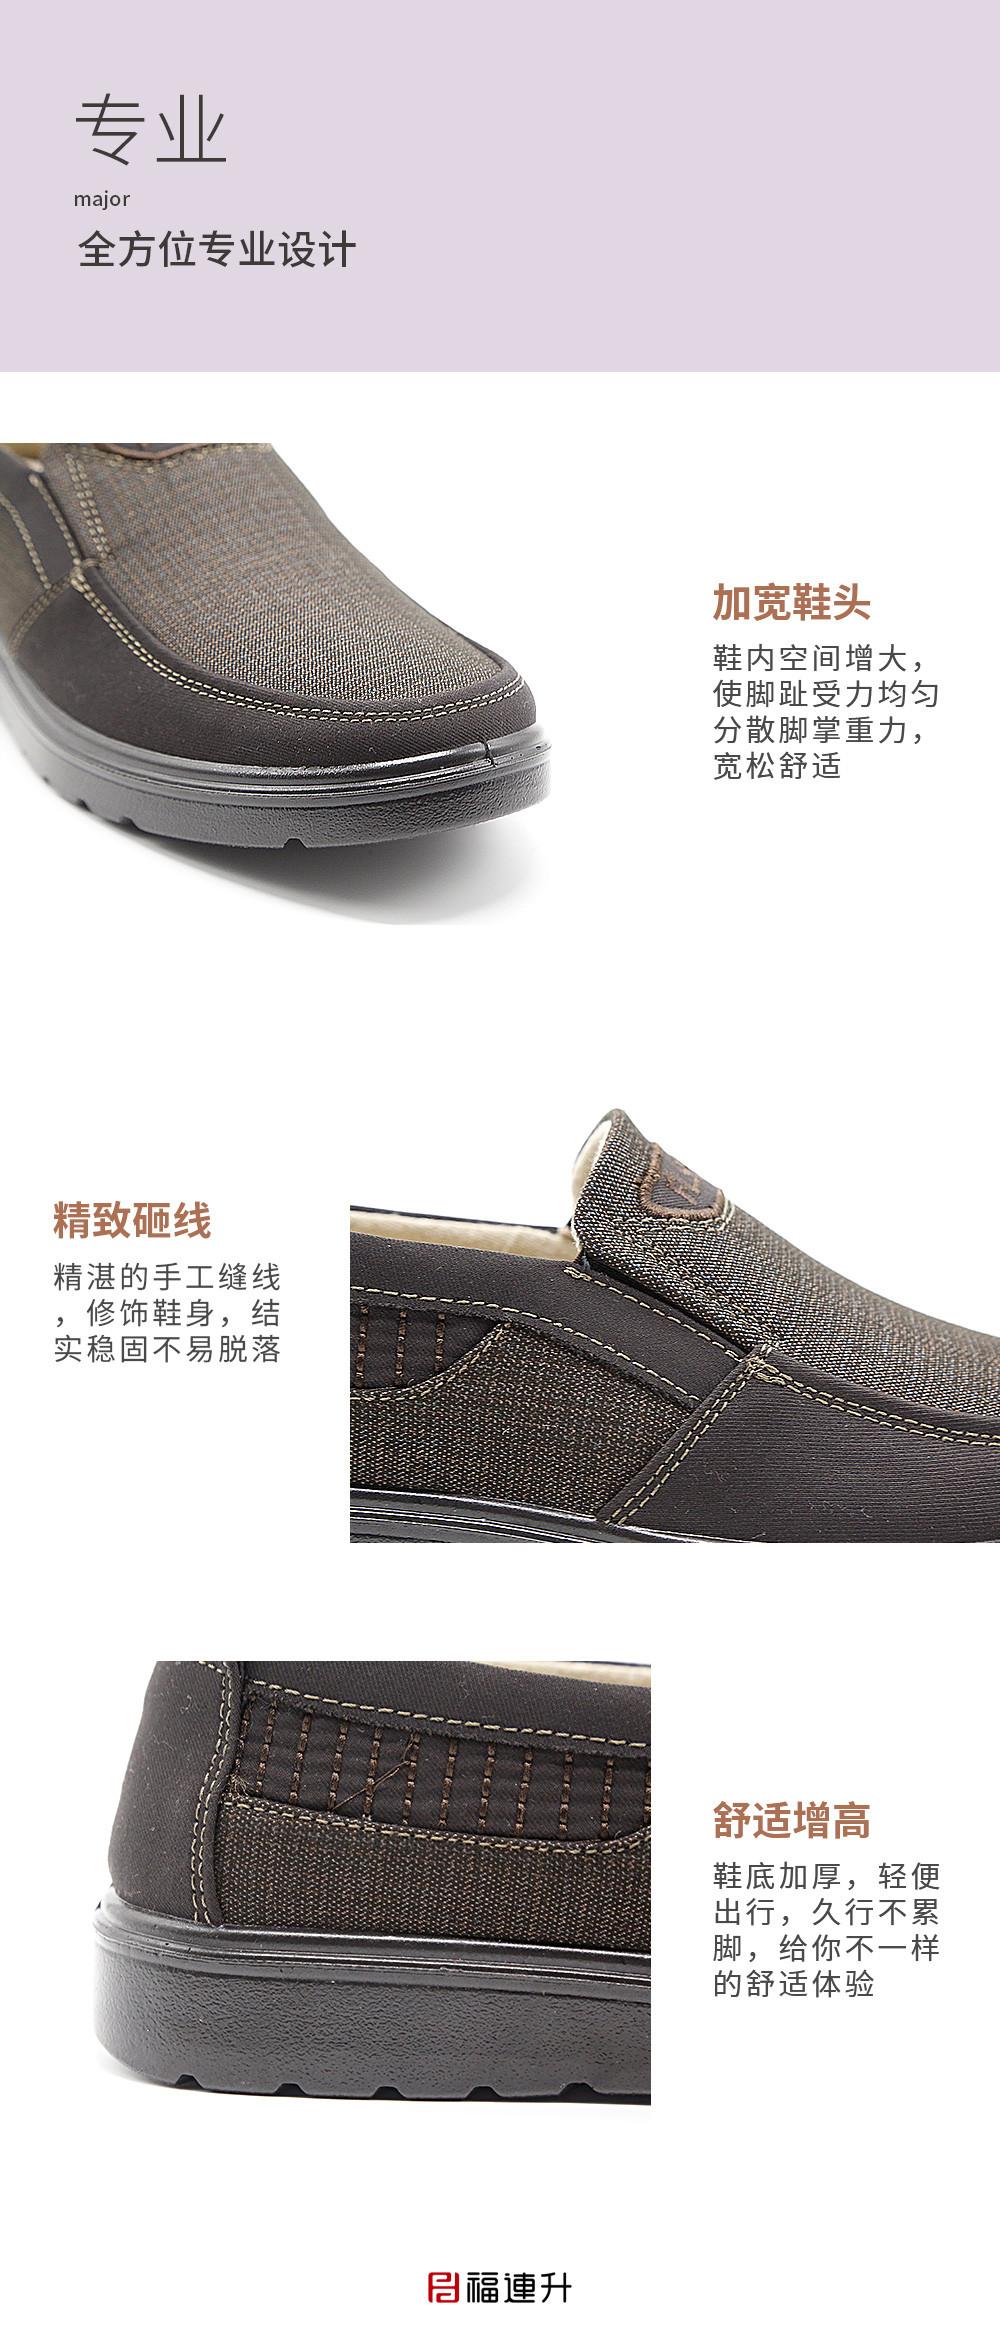 中老年加大码男鞋低帮单鞋老北京布鞋爸爸棉麻舒适透气鞋图片